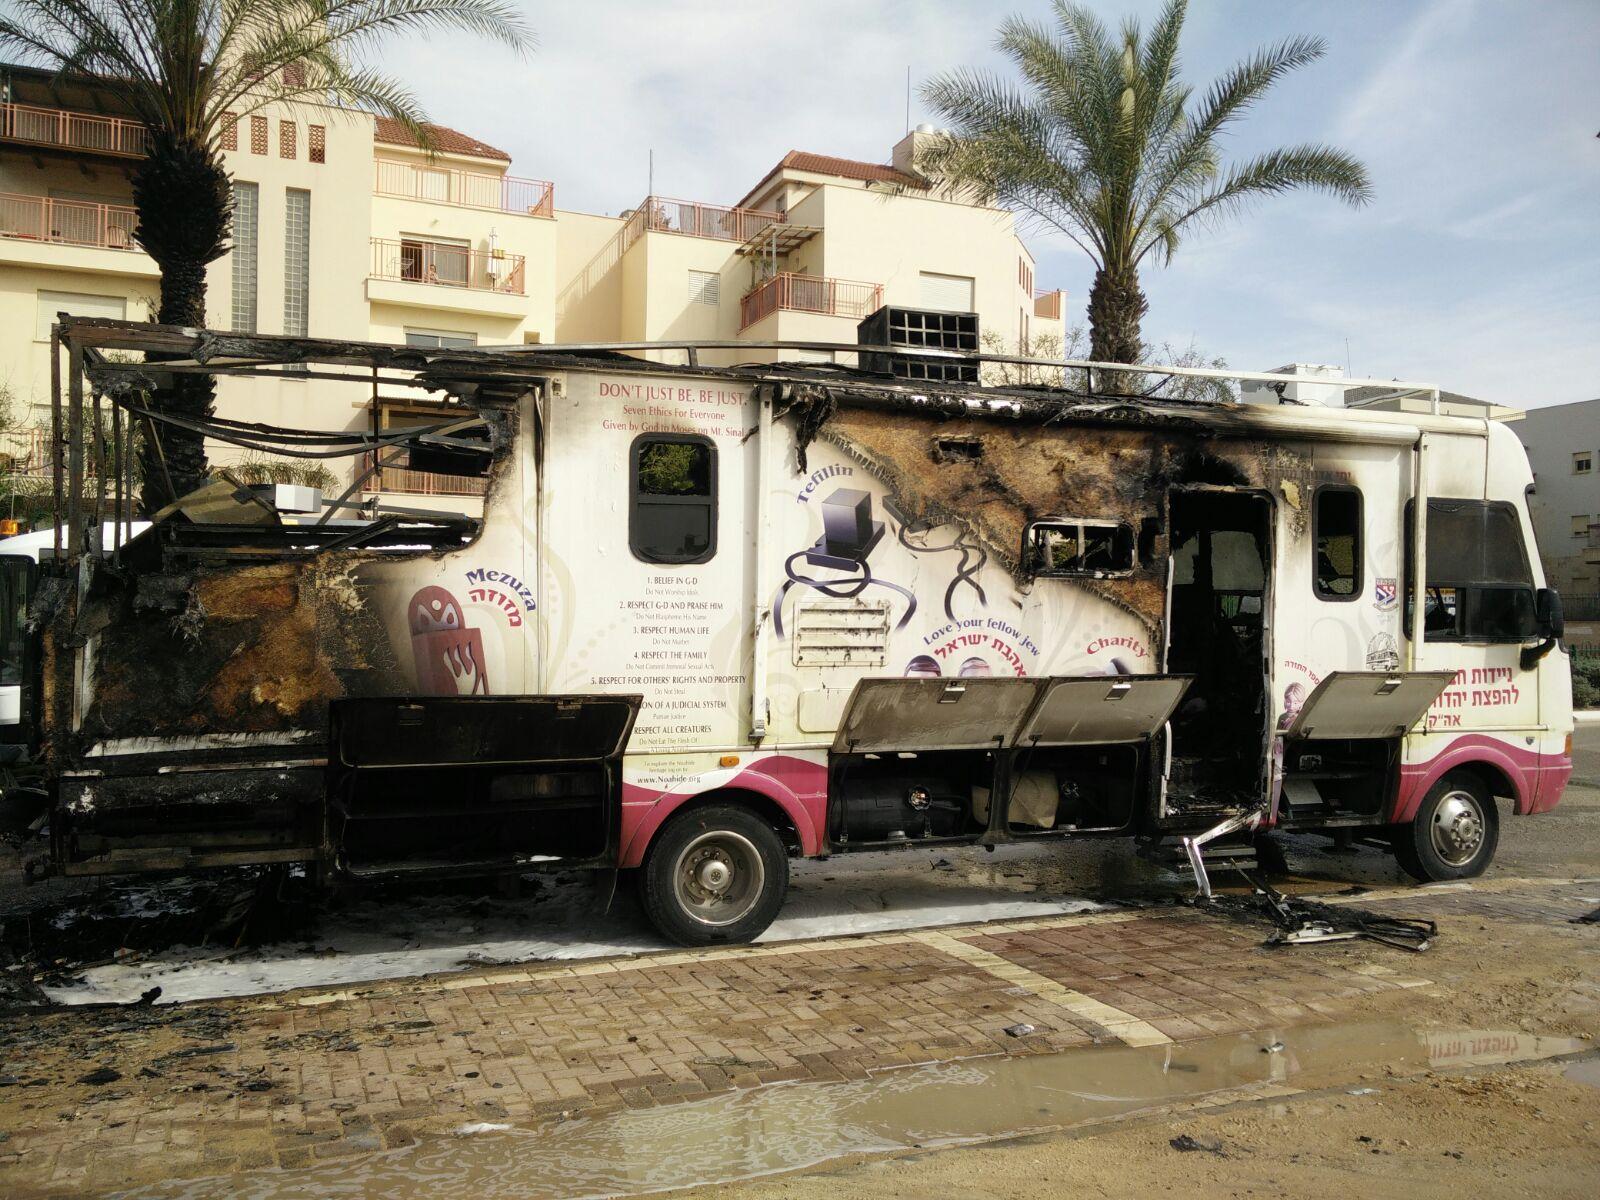 """טנק של ניידות חב""""ד נשרף במהלך פעילות בנס אין נפגעים בנפש"""